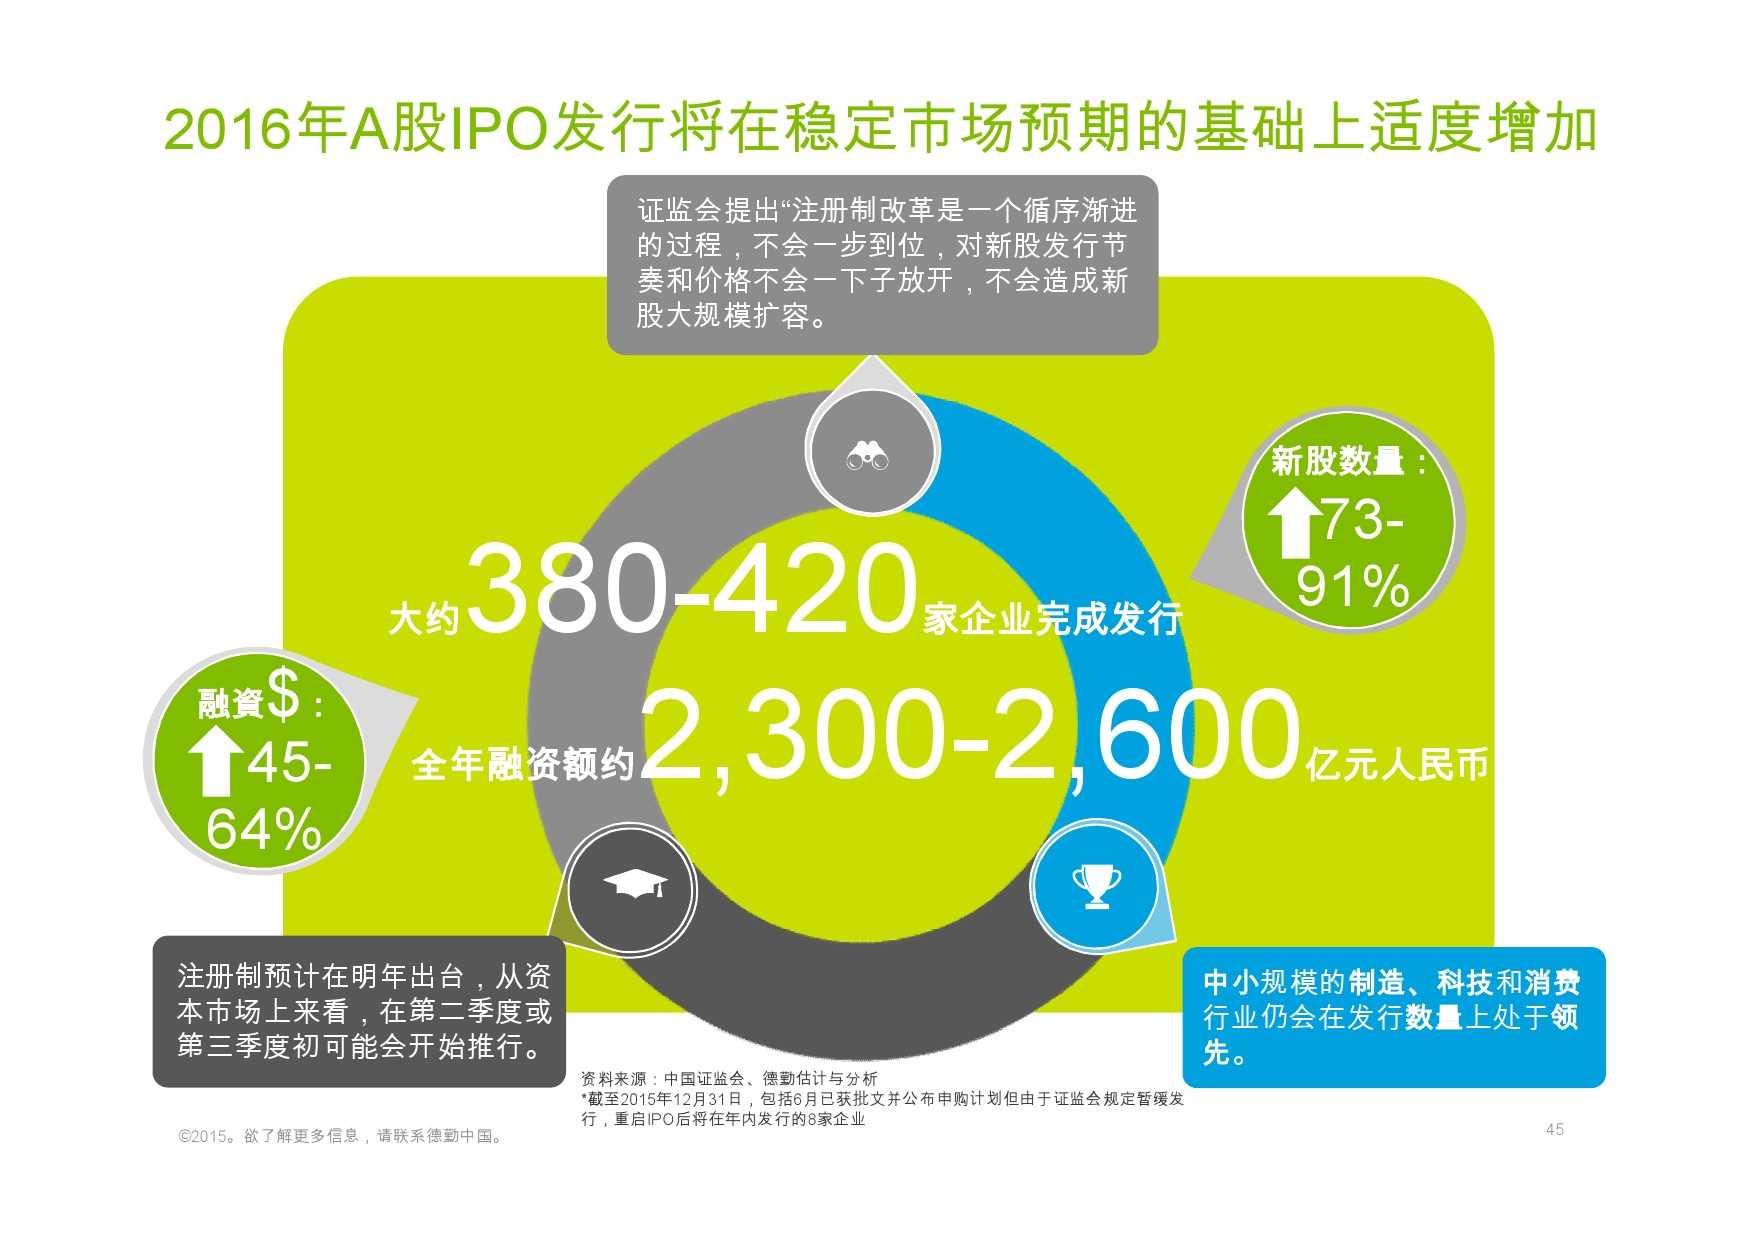 德勤:香港及中国大陆IPO巿场2015年回顾与2016年展望_000045